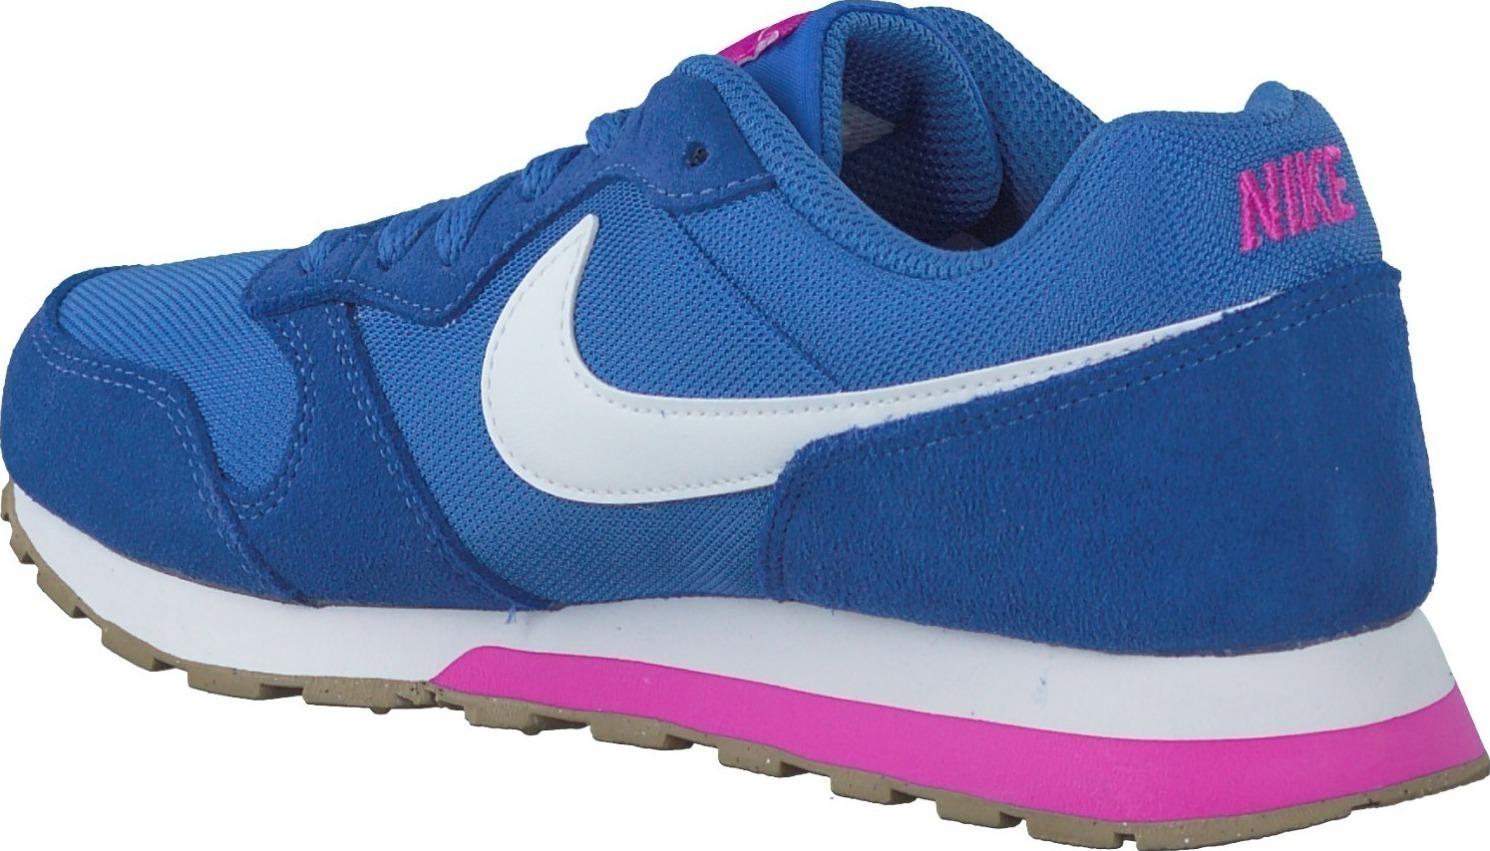 Nike Md Runner 2 GS 807319-404 - Skroutz.gr 7f33e23c828